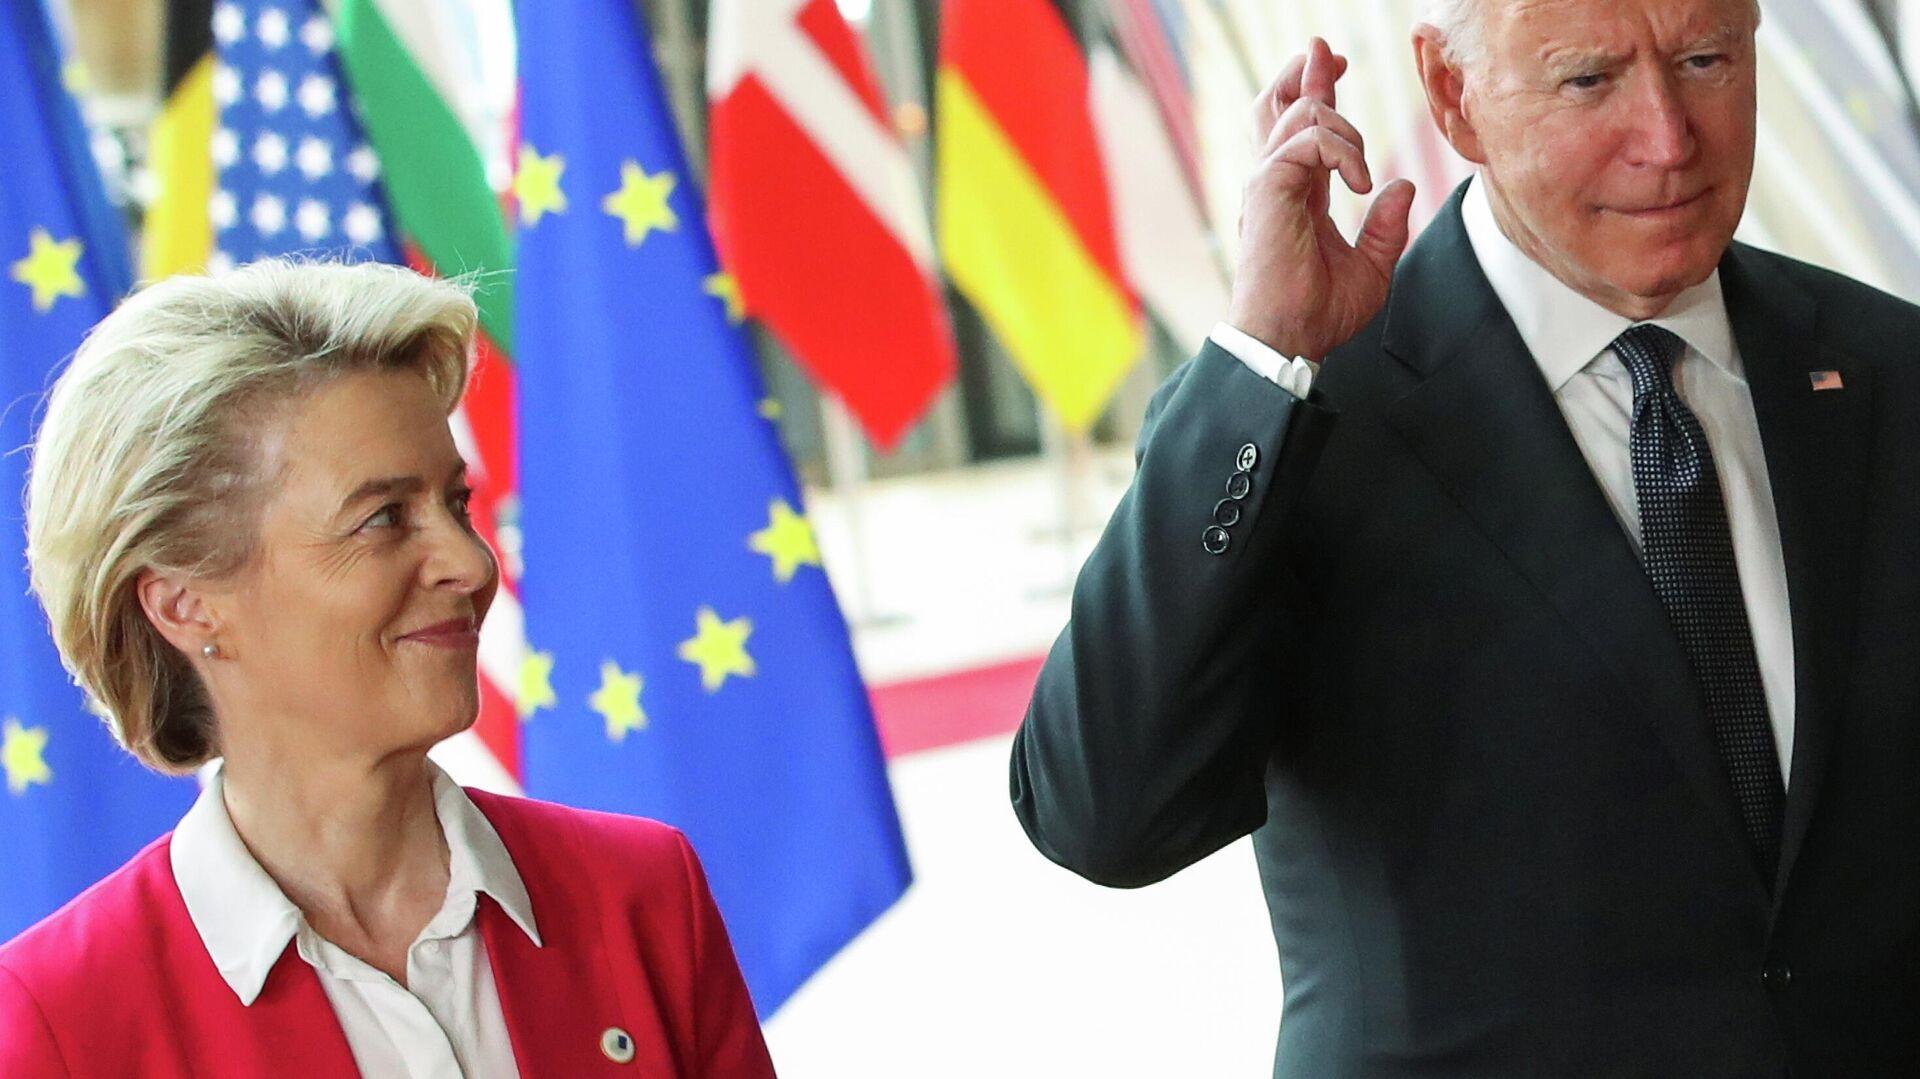 La presidenta de la Comisión Europea, Ursula von der Leyen, y el presidente de EEUU, Joe Biden - Sputnik Mundo, 1920, 15.06.2021